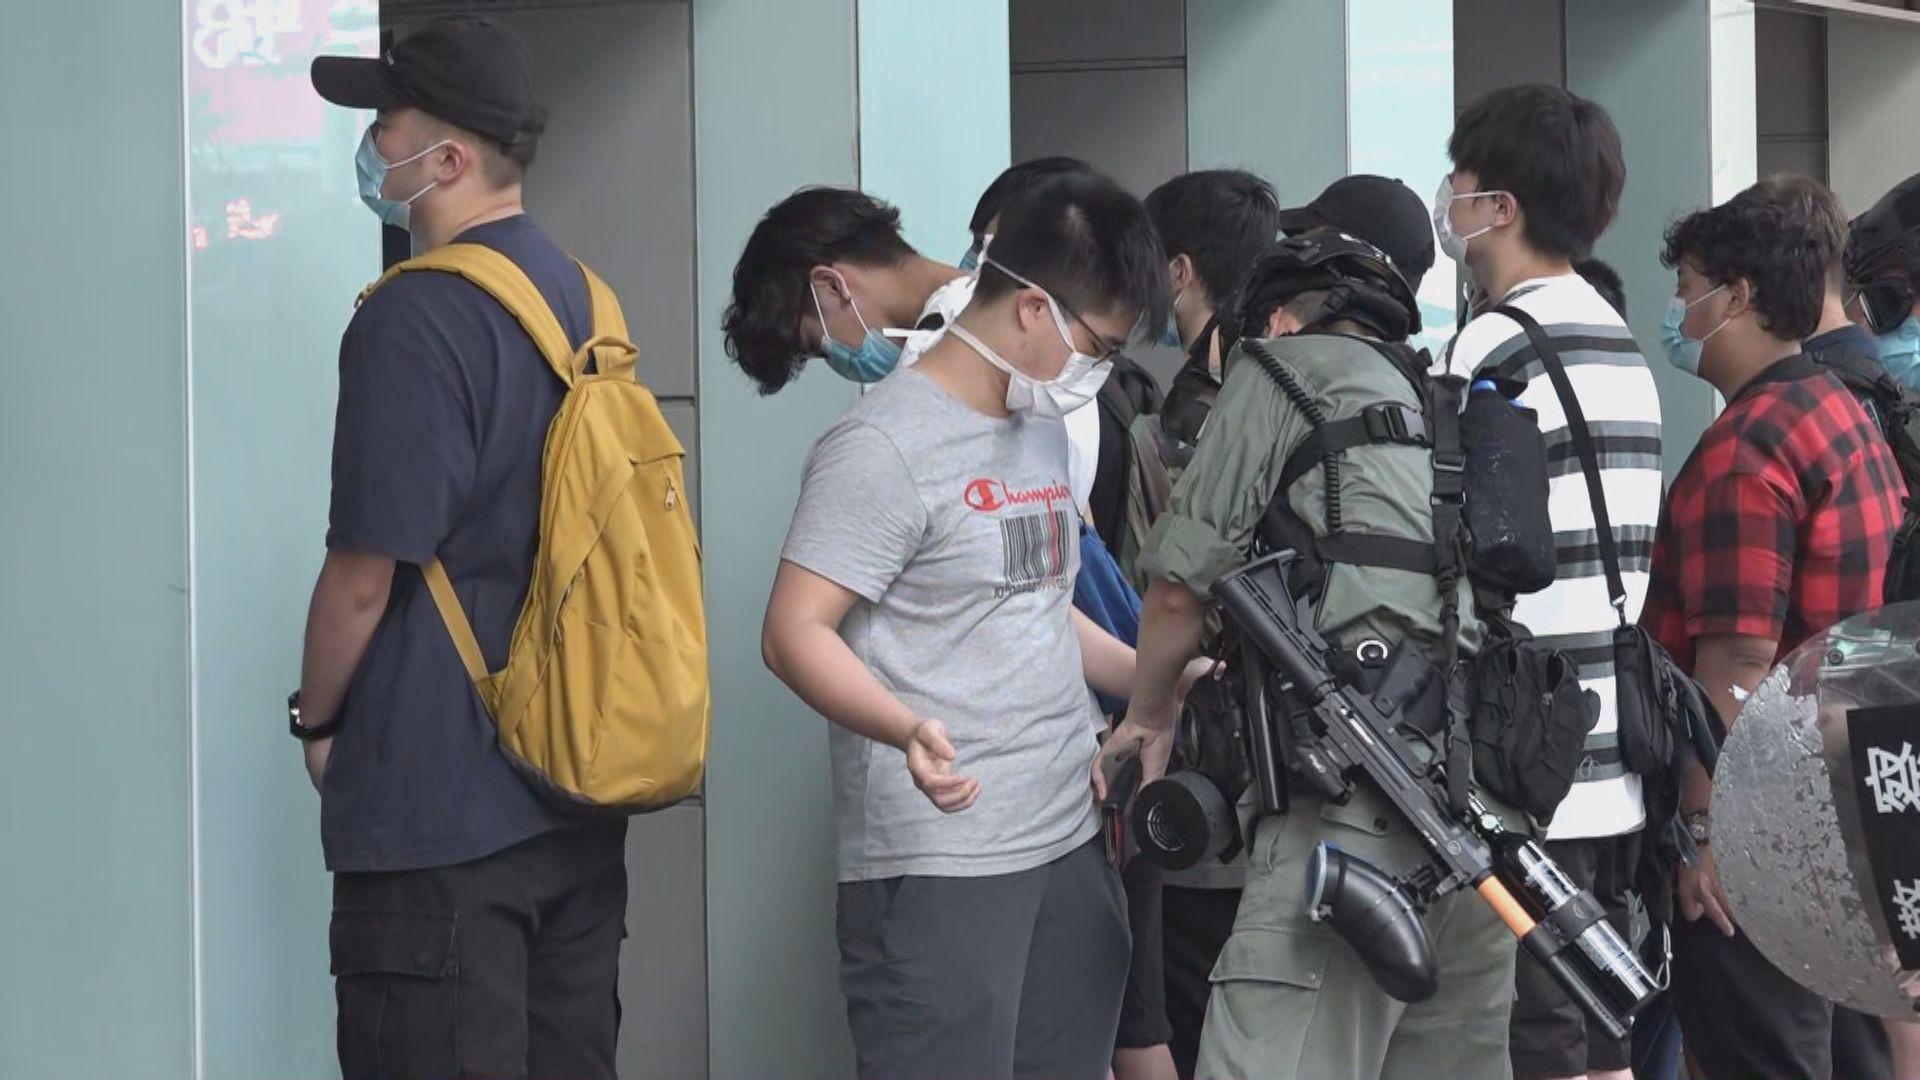 警員在旺角拘60人 搜查多名身穿校服學生